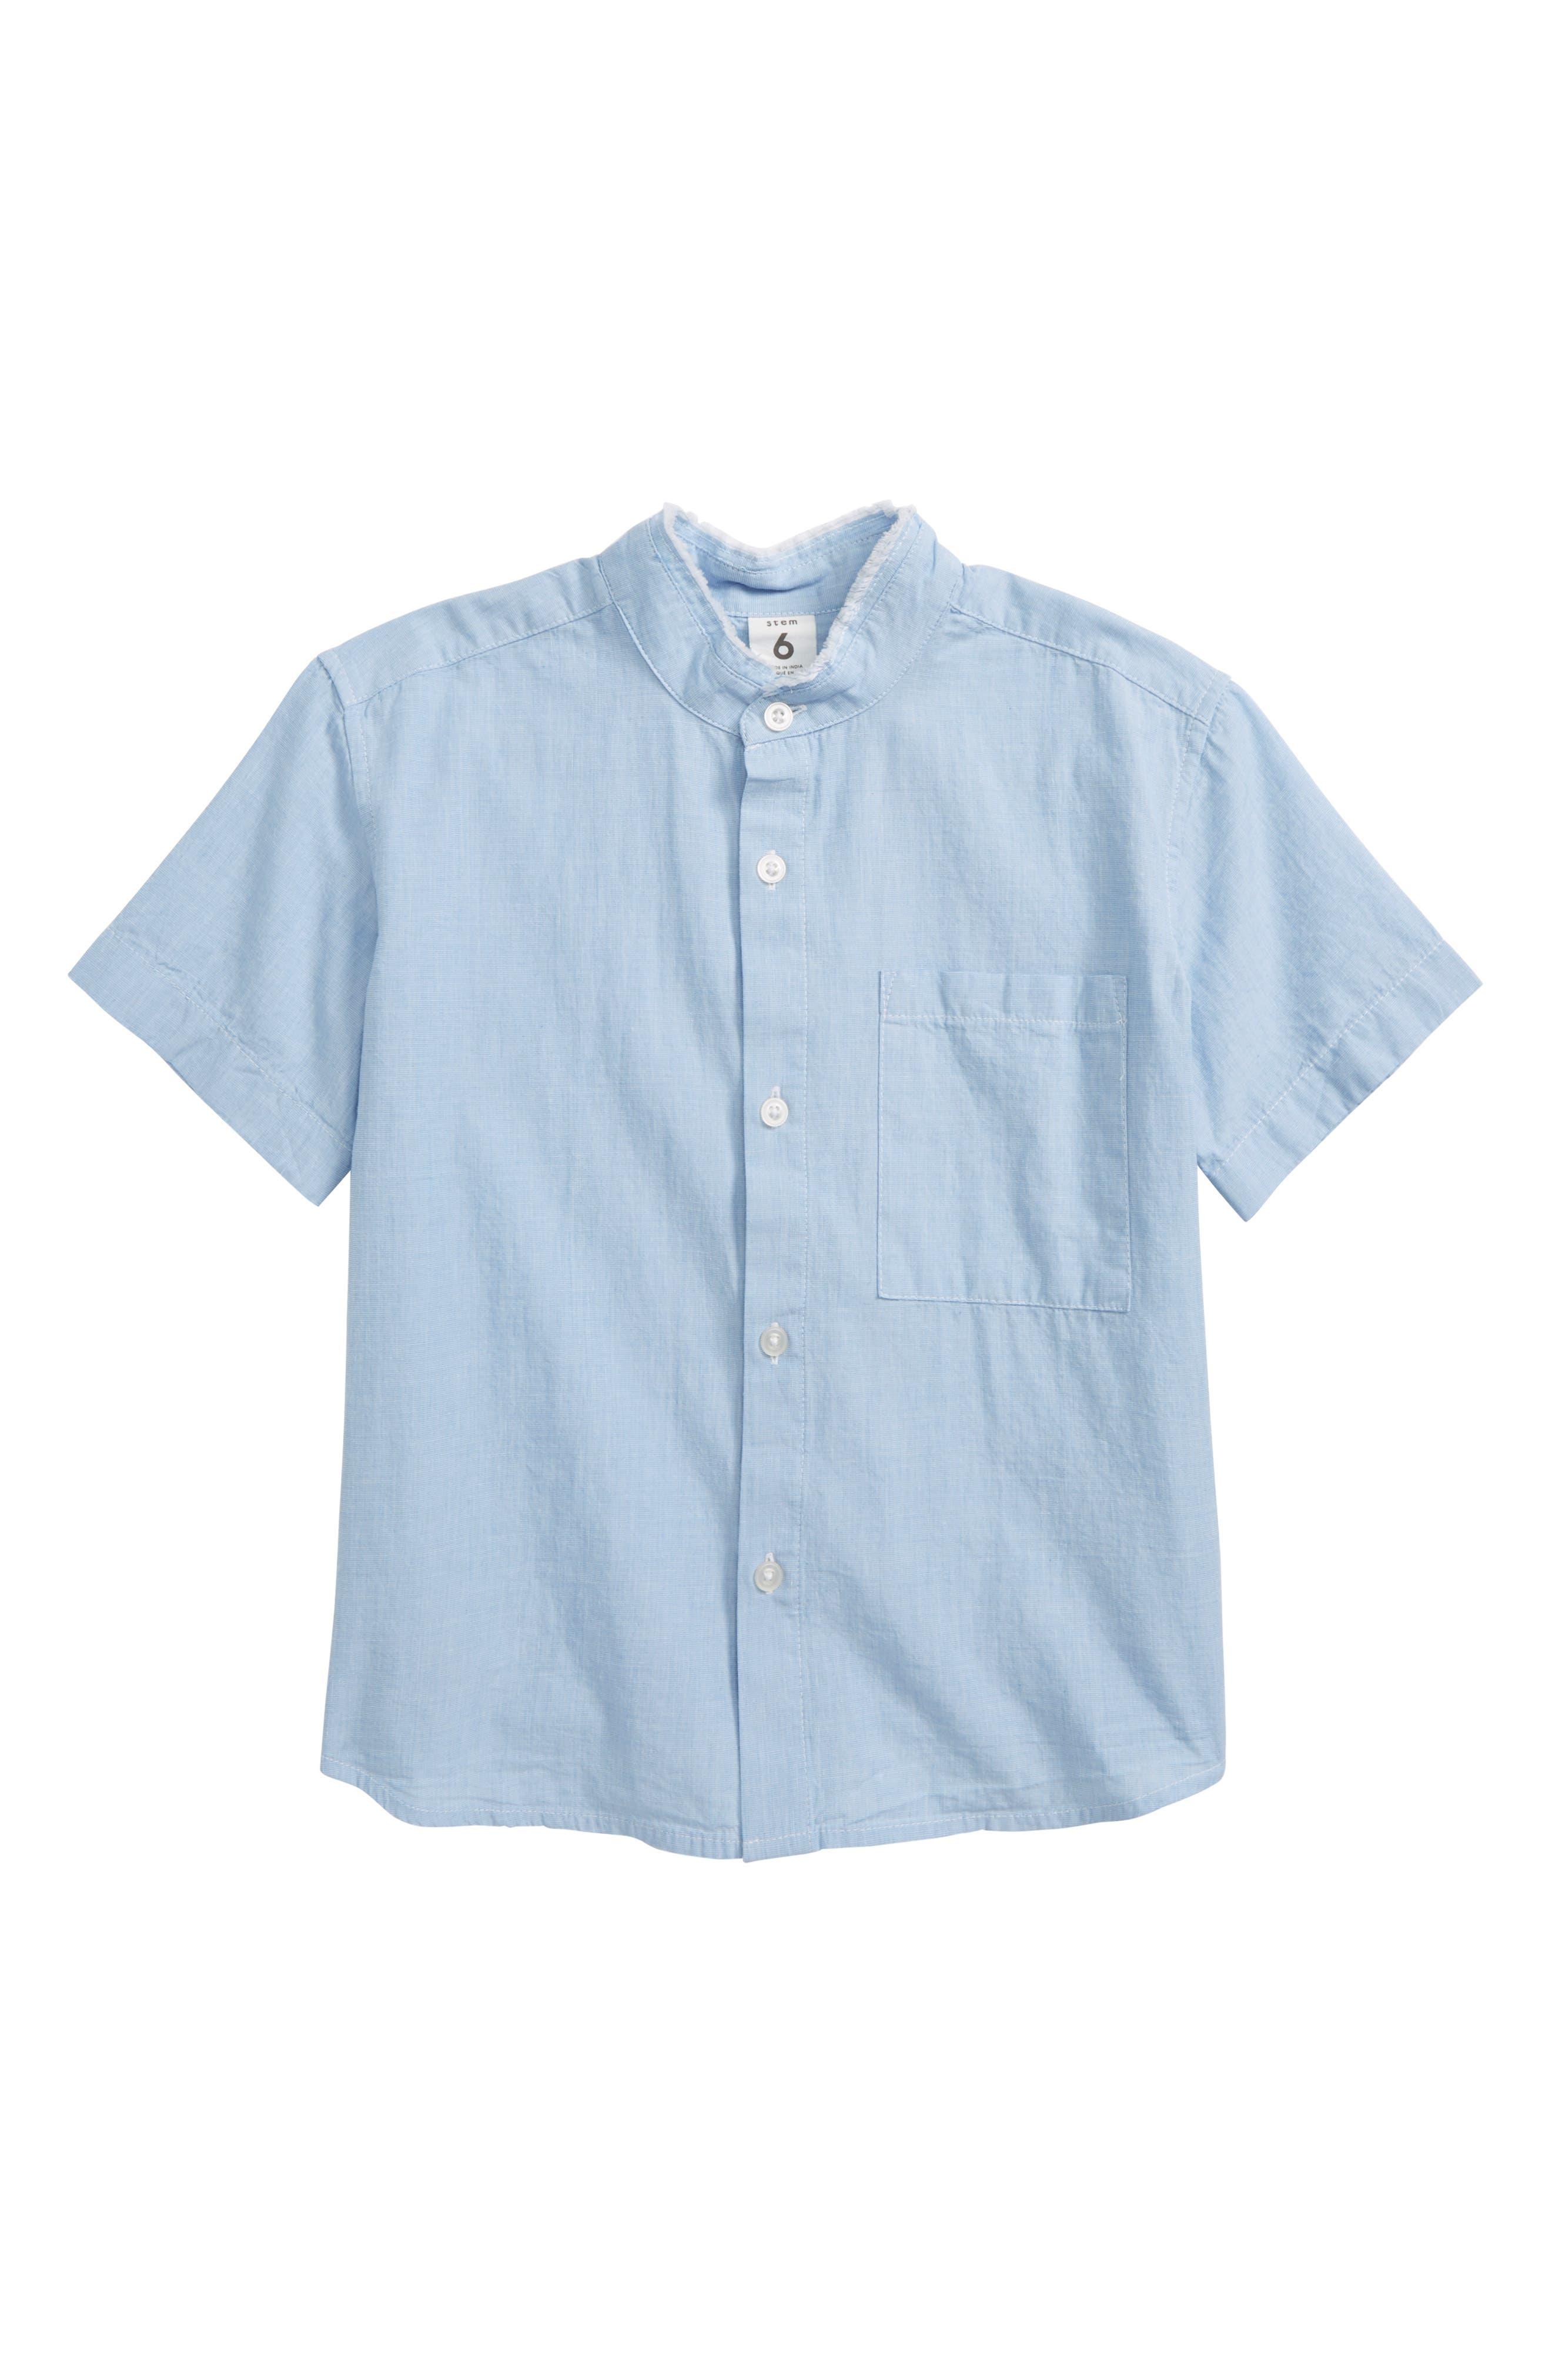 Collarless Shirt,                         Main,                         color, Blue Chambray Grid